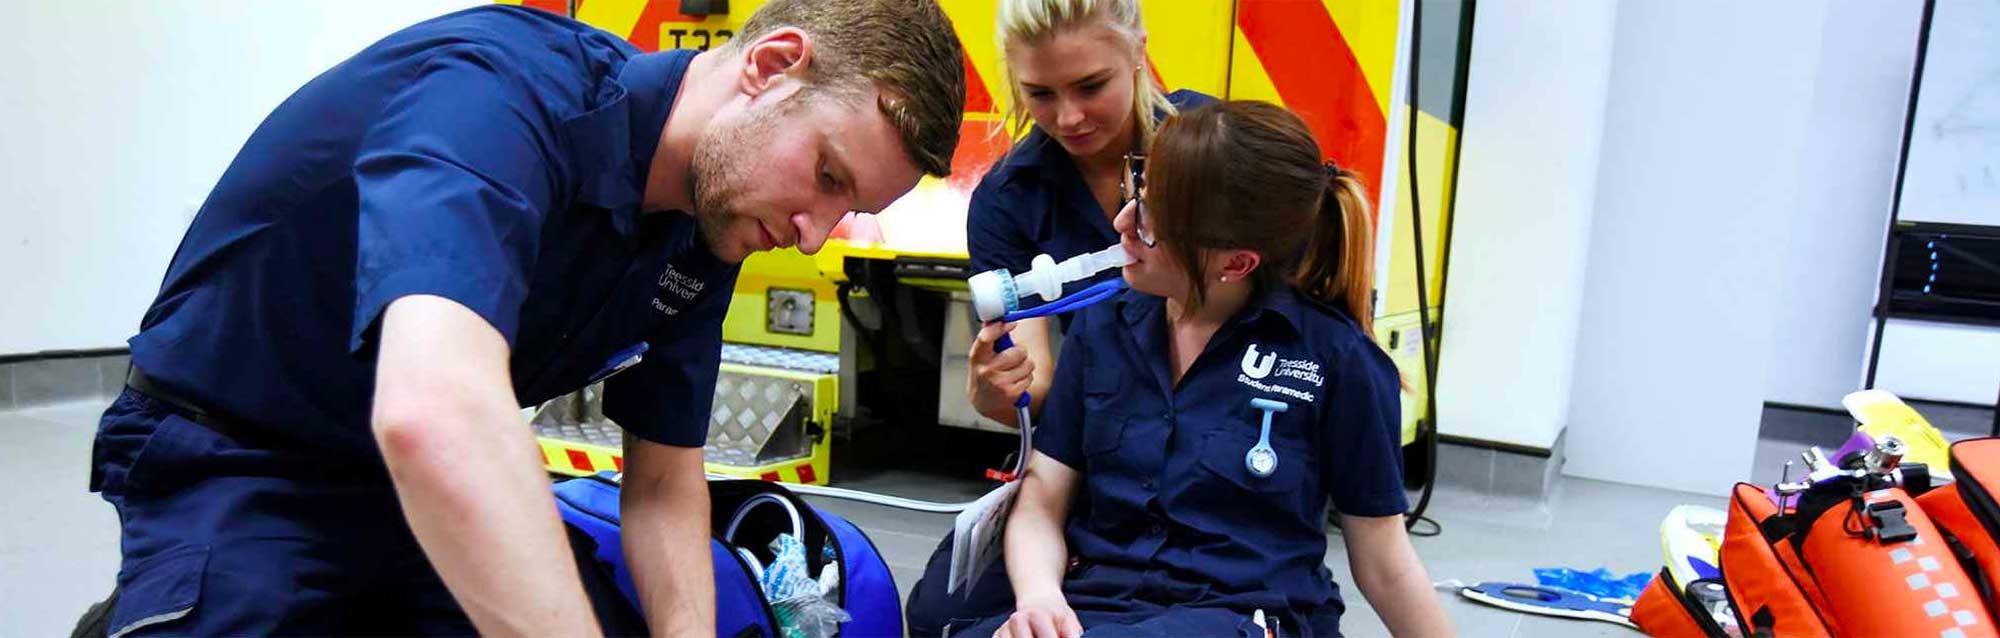 Paramedic Practice